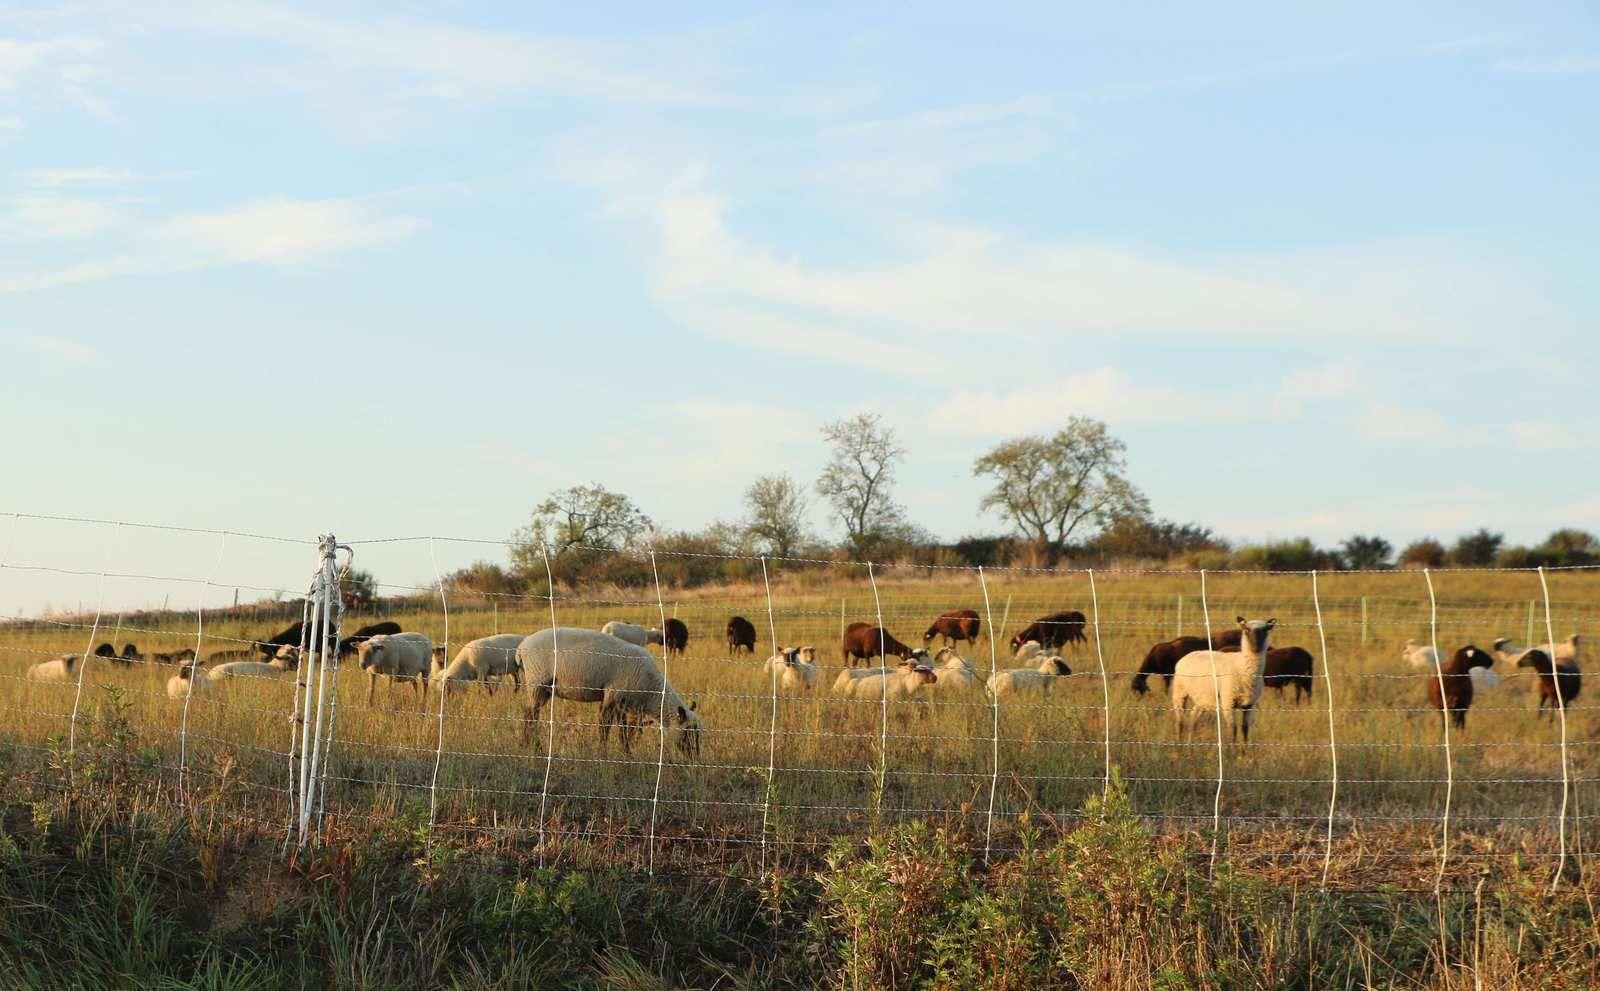 À l'arrivée des moutons, l'herbe est mi-haute.